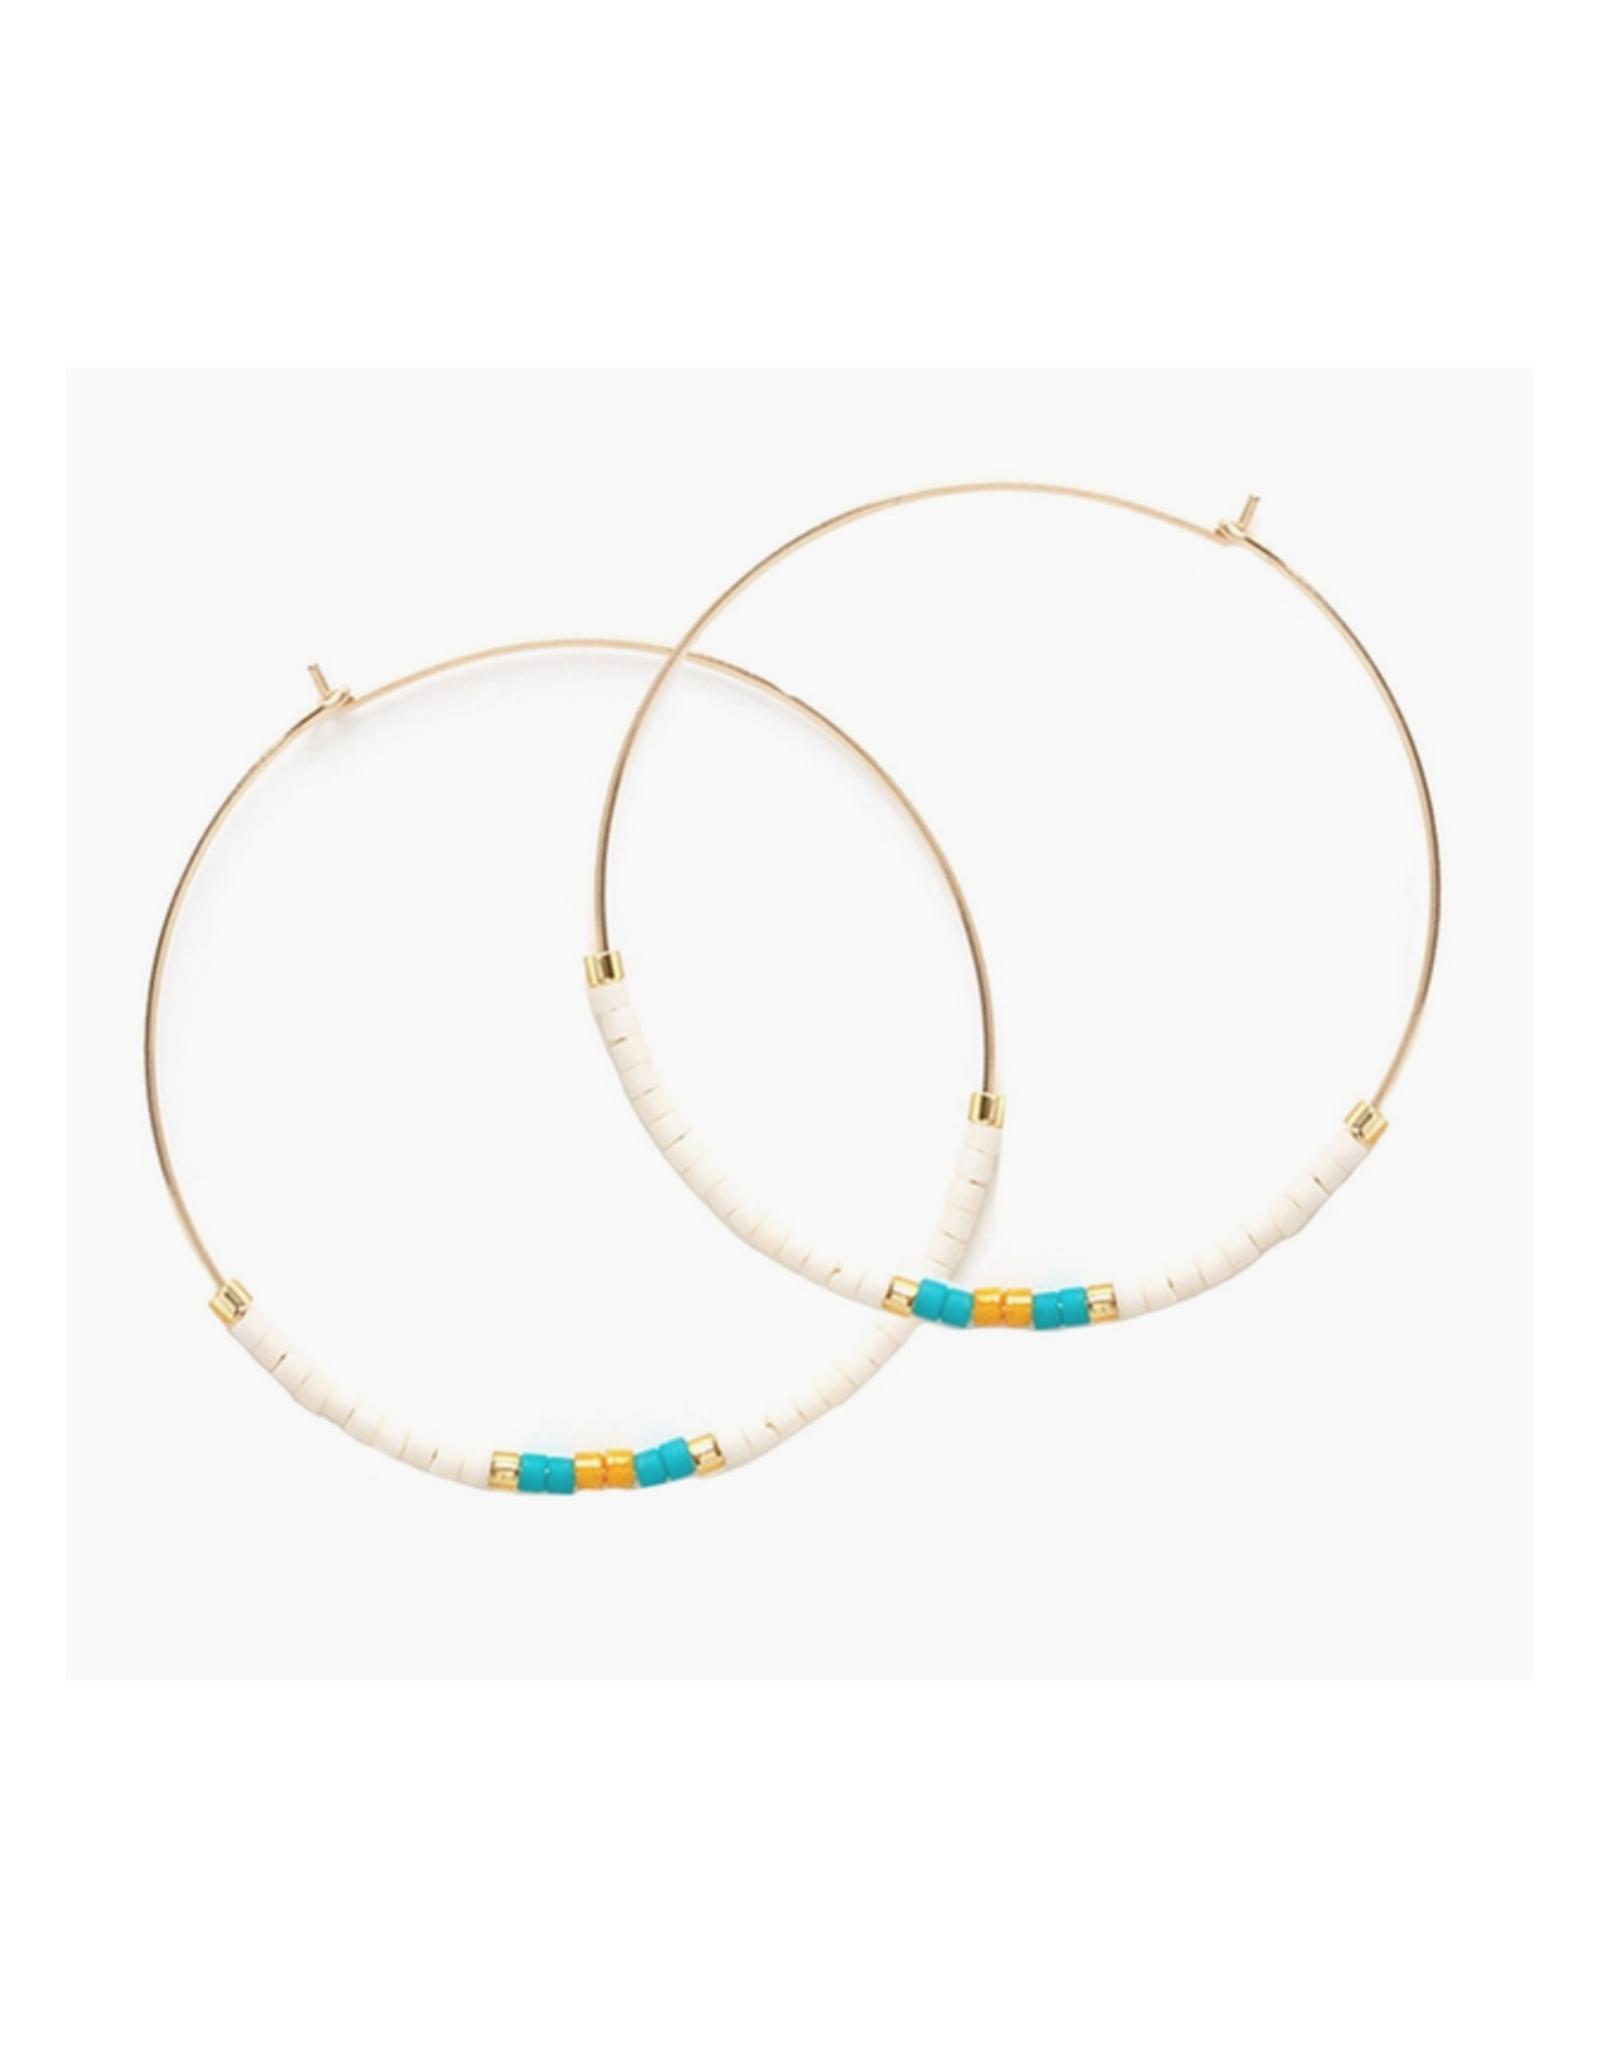 Japanese Seed Bead Earrings - El Mar